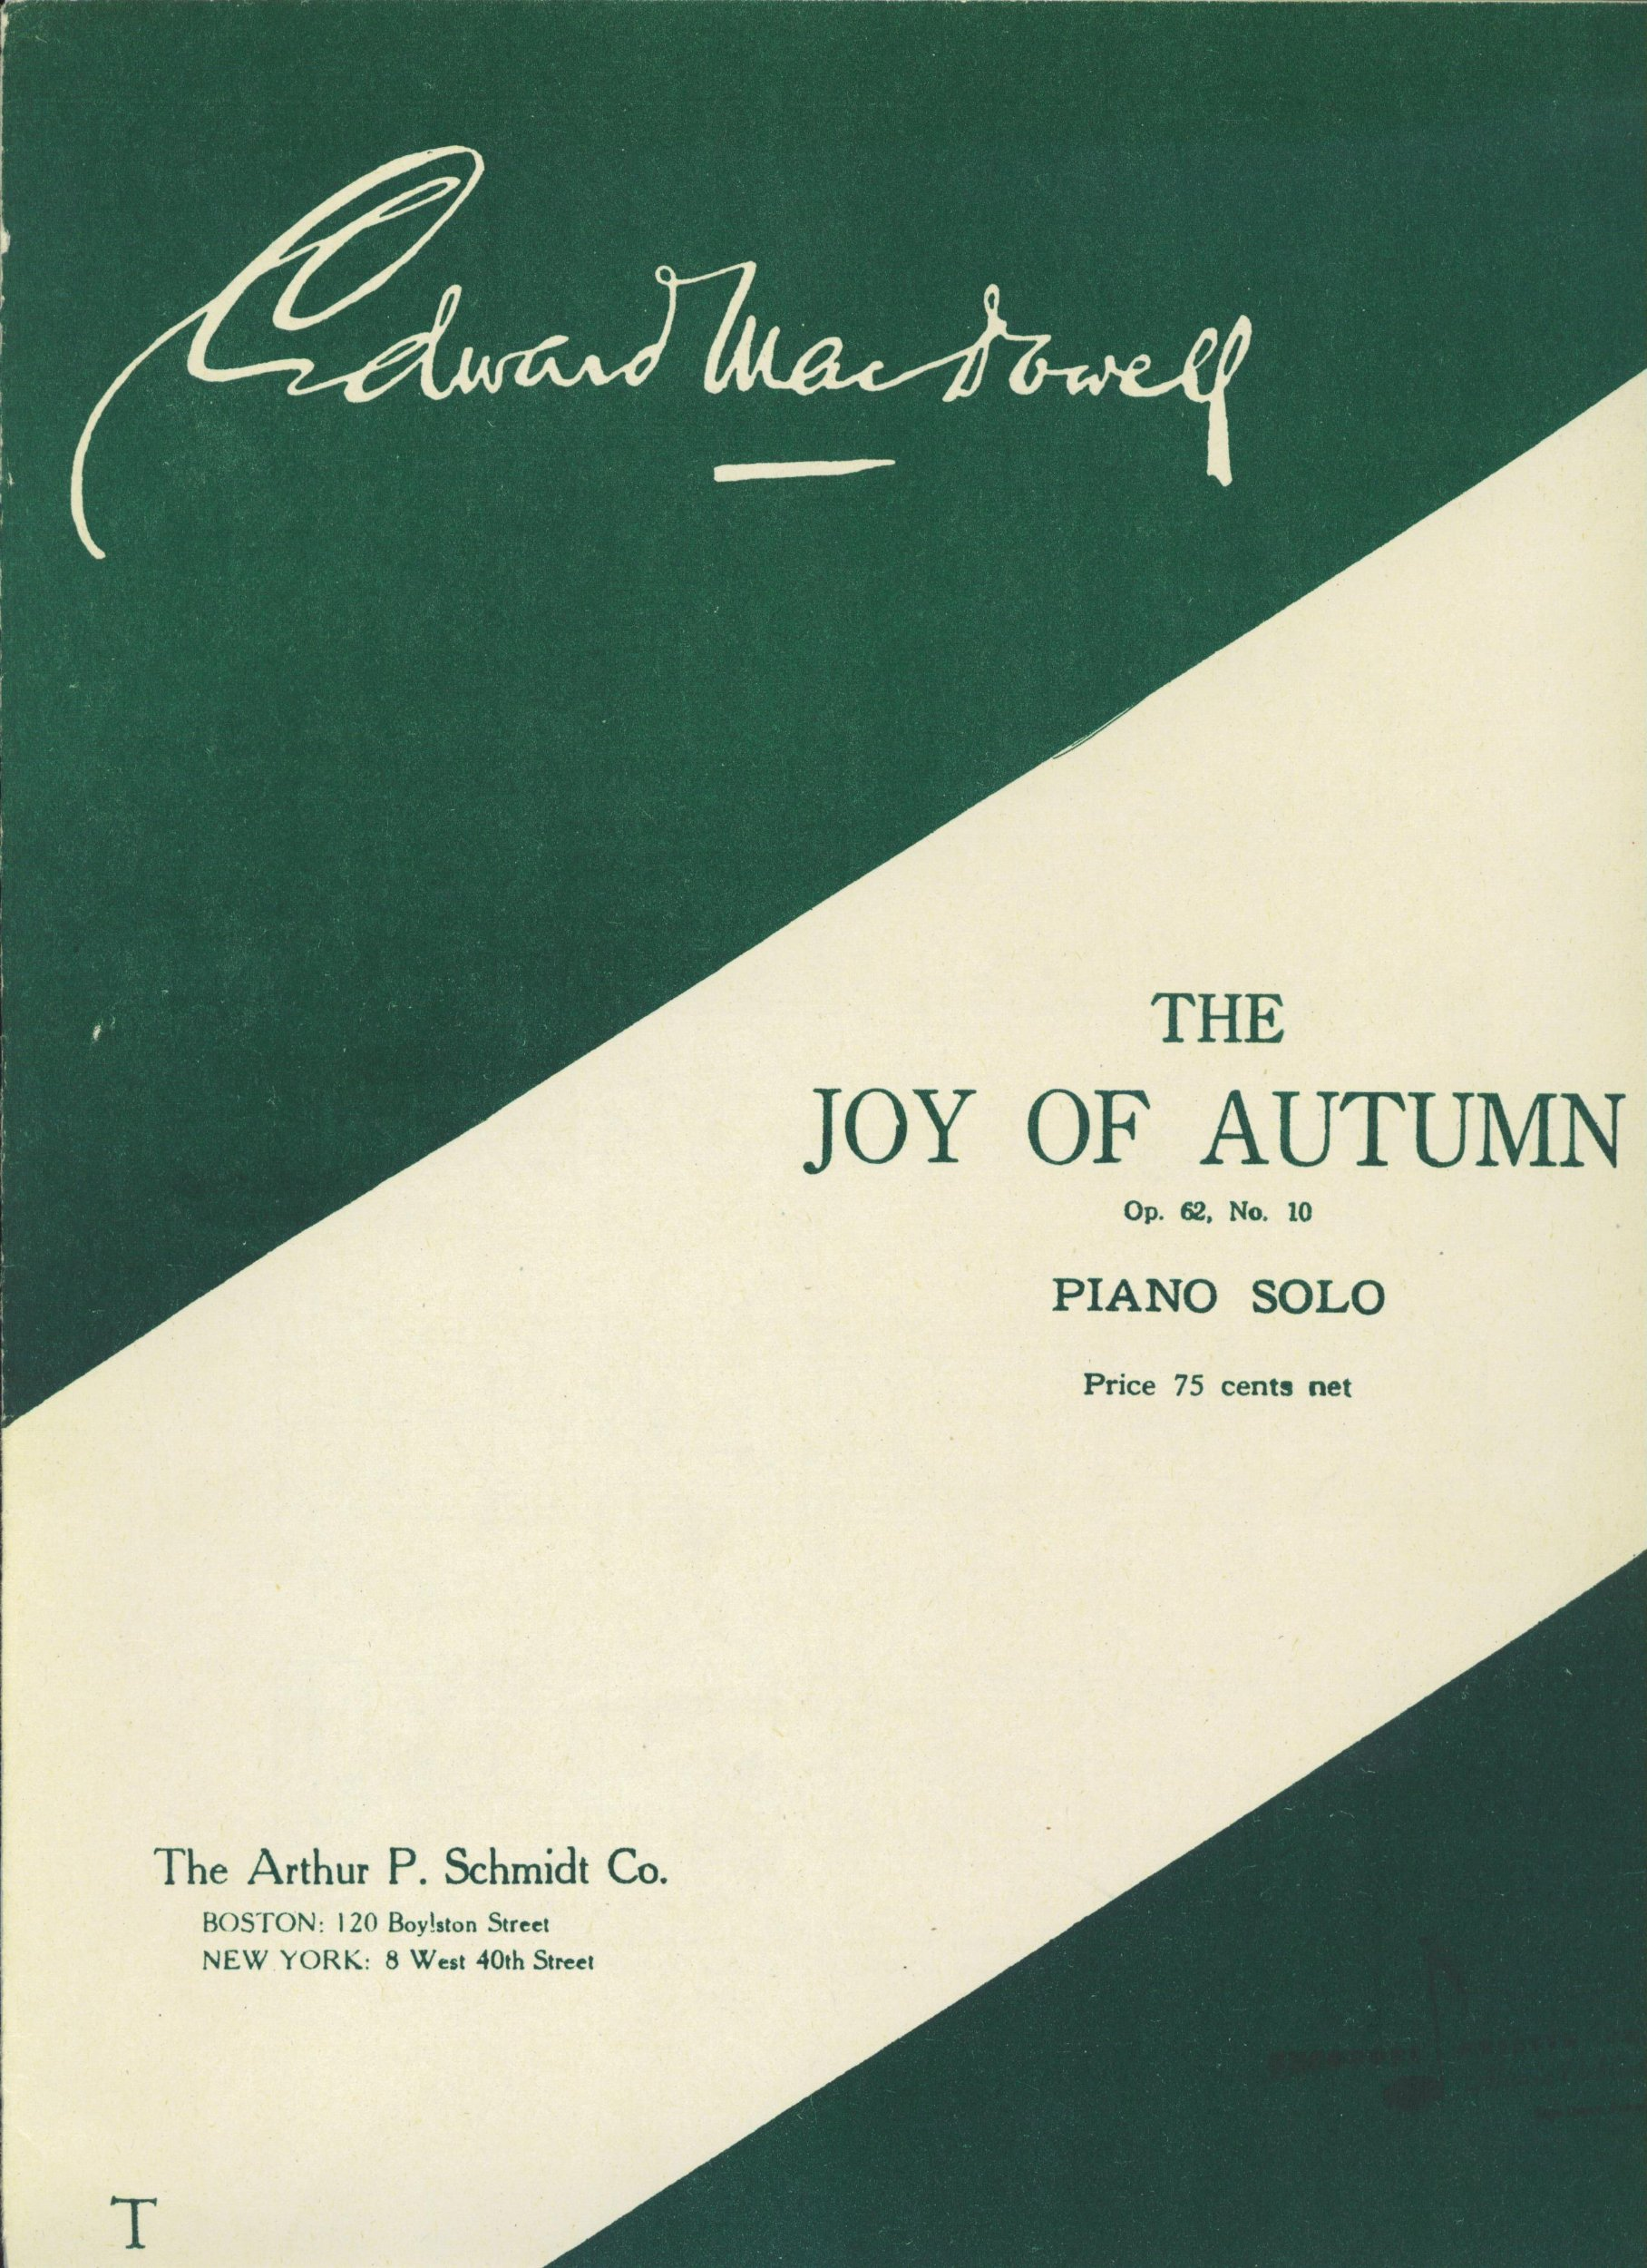 The Joy of Autumn, Op. 62, No. 10